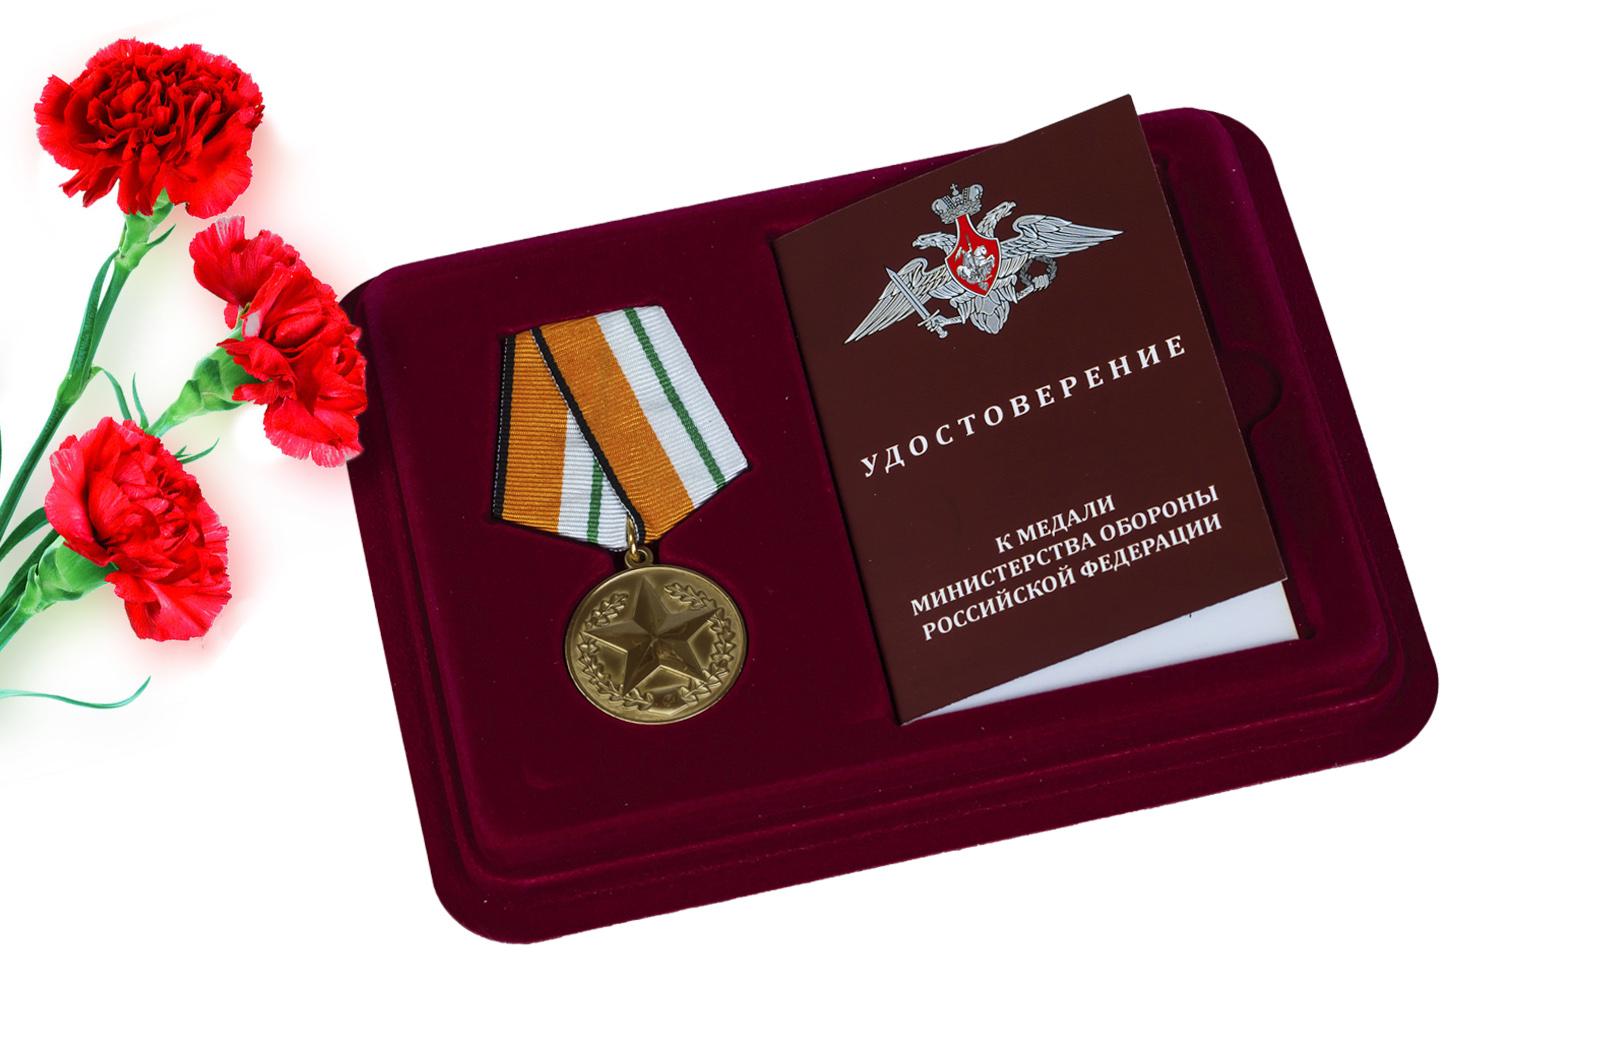 Медаль МО РФ За отличие в соревнованиях купить по выгодной цене